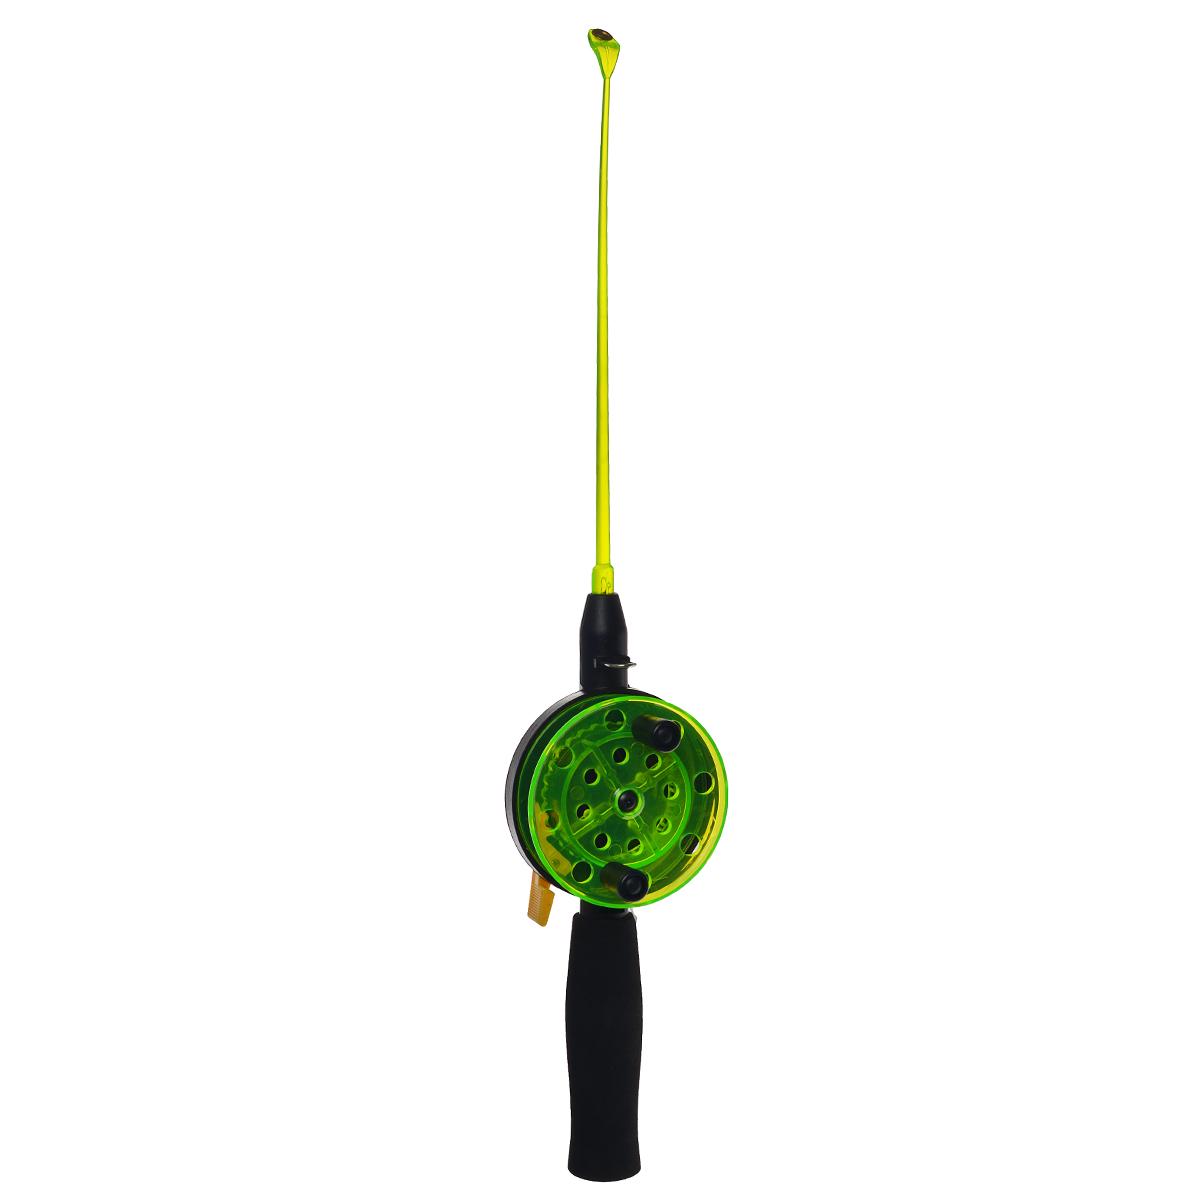 Удочка зимняя SWD HR201, цвет: черный, зеленый, 40 см72324Зимняя удочка SWD HR201 с открытой катушкой диаметром 76 мм и клавишным стопором. Оснащена пластиковым хлыстом длиной 20 см с тюльпаном на конце. Ручка длиной 100 мм выполнена из неопрена.